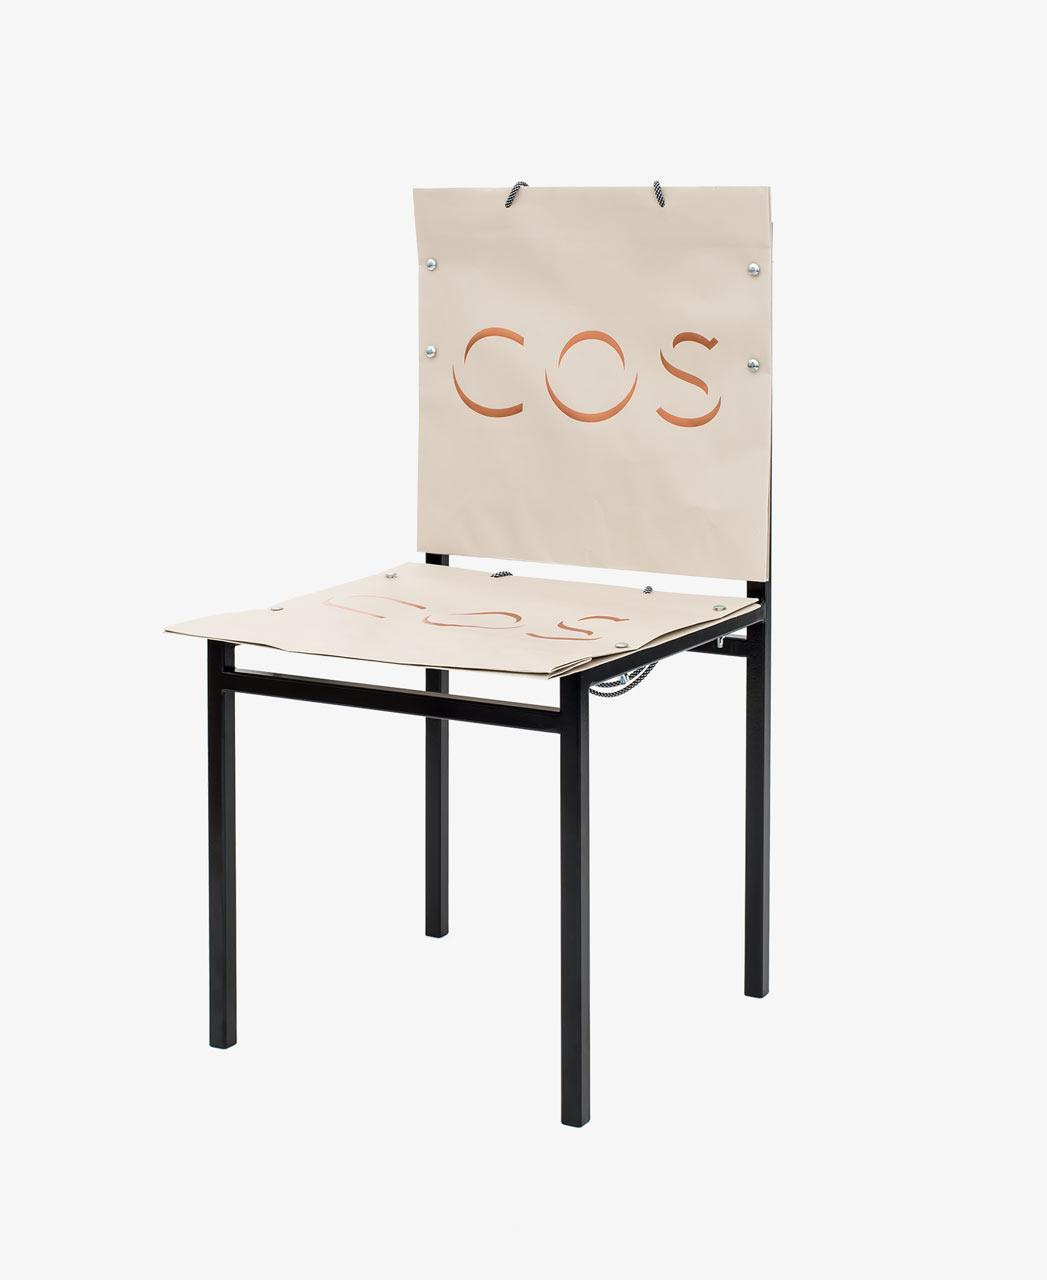 simon_freund-shopping_bag_chairs-hisheji (3)